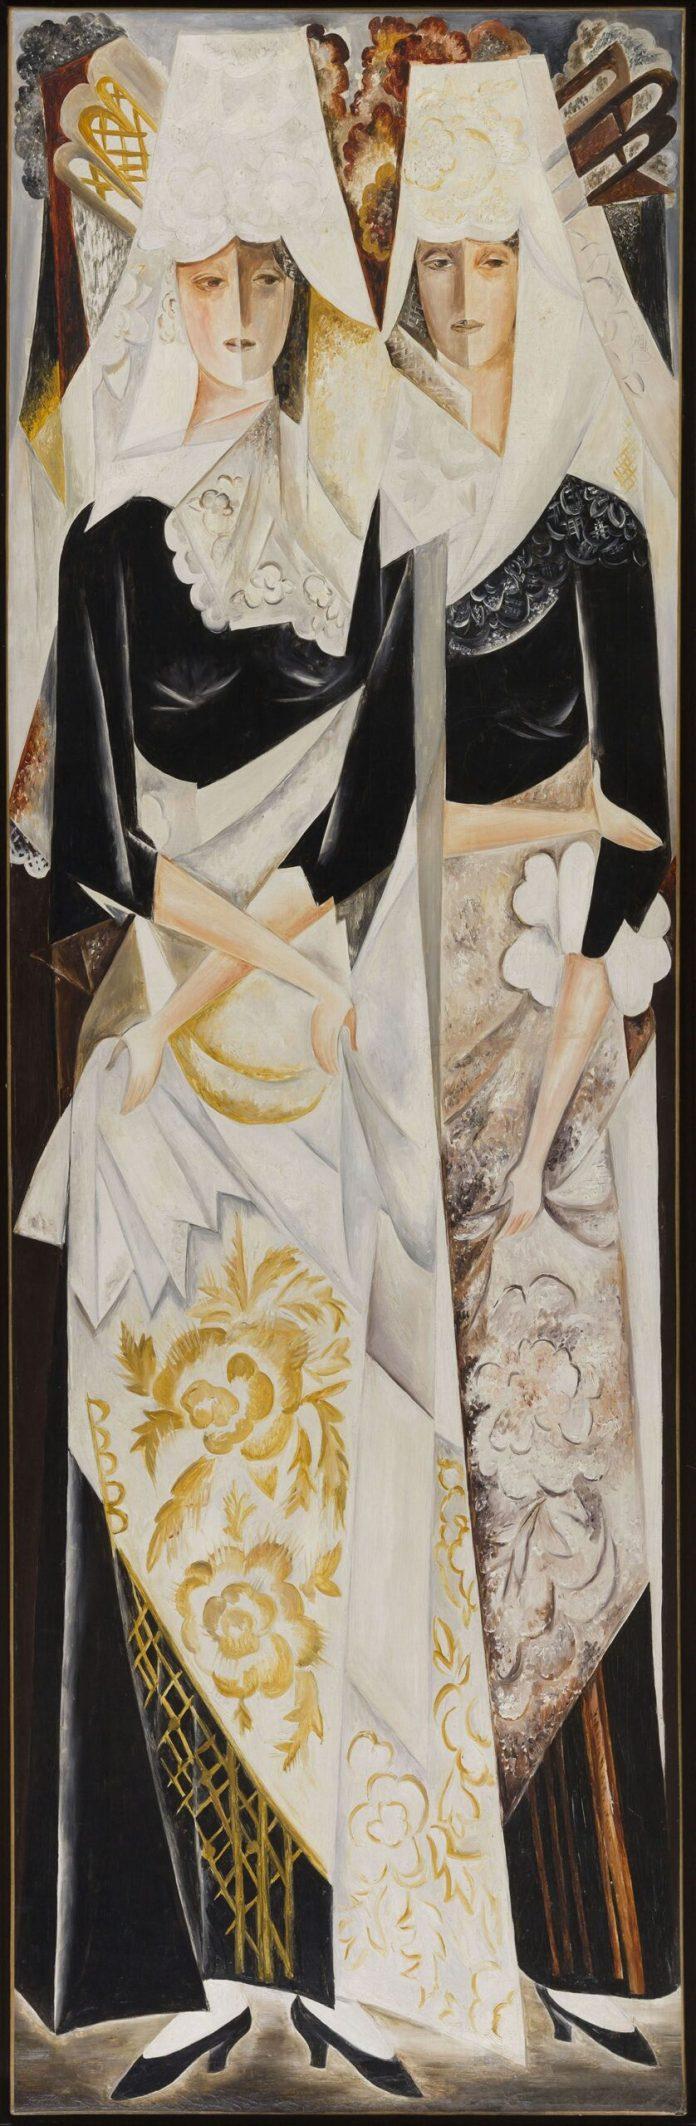 Natalia Gontcharova, Deux femmes espagnoles (troisième élément du polyptique Les Espagnoles), 1920-1924 Nathalie Gontcharova © Adagp, Paris, 2020 ; photo © Musée d'Art Moderne Roger-Viollet